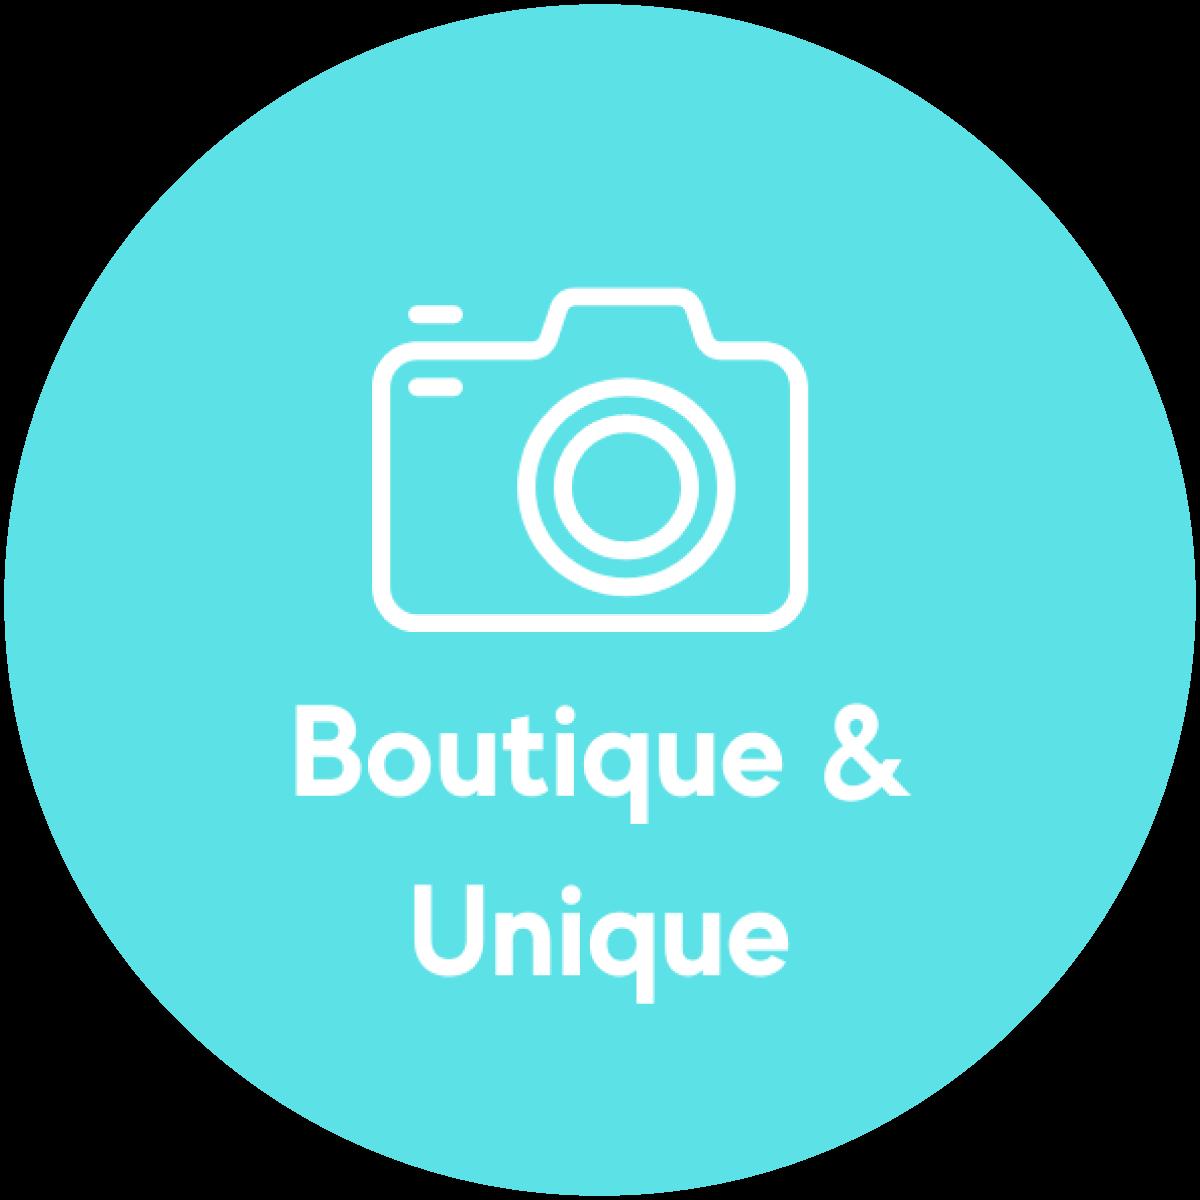 Boutique & Unique